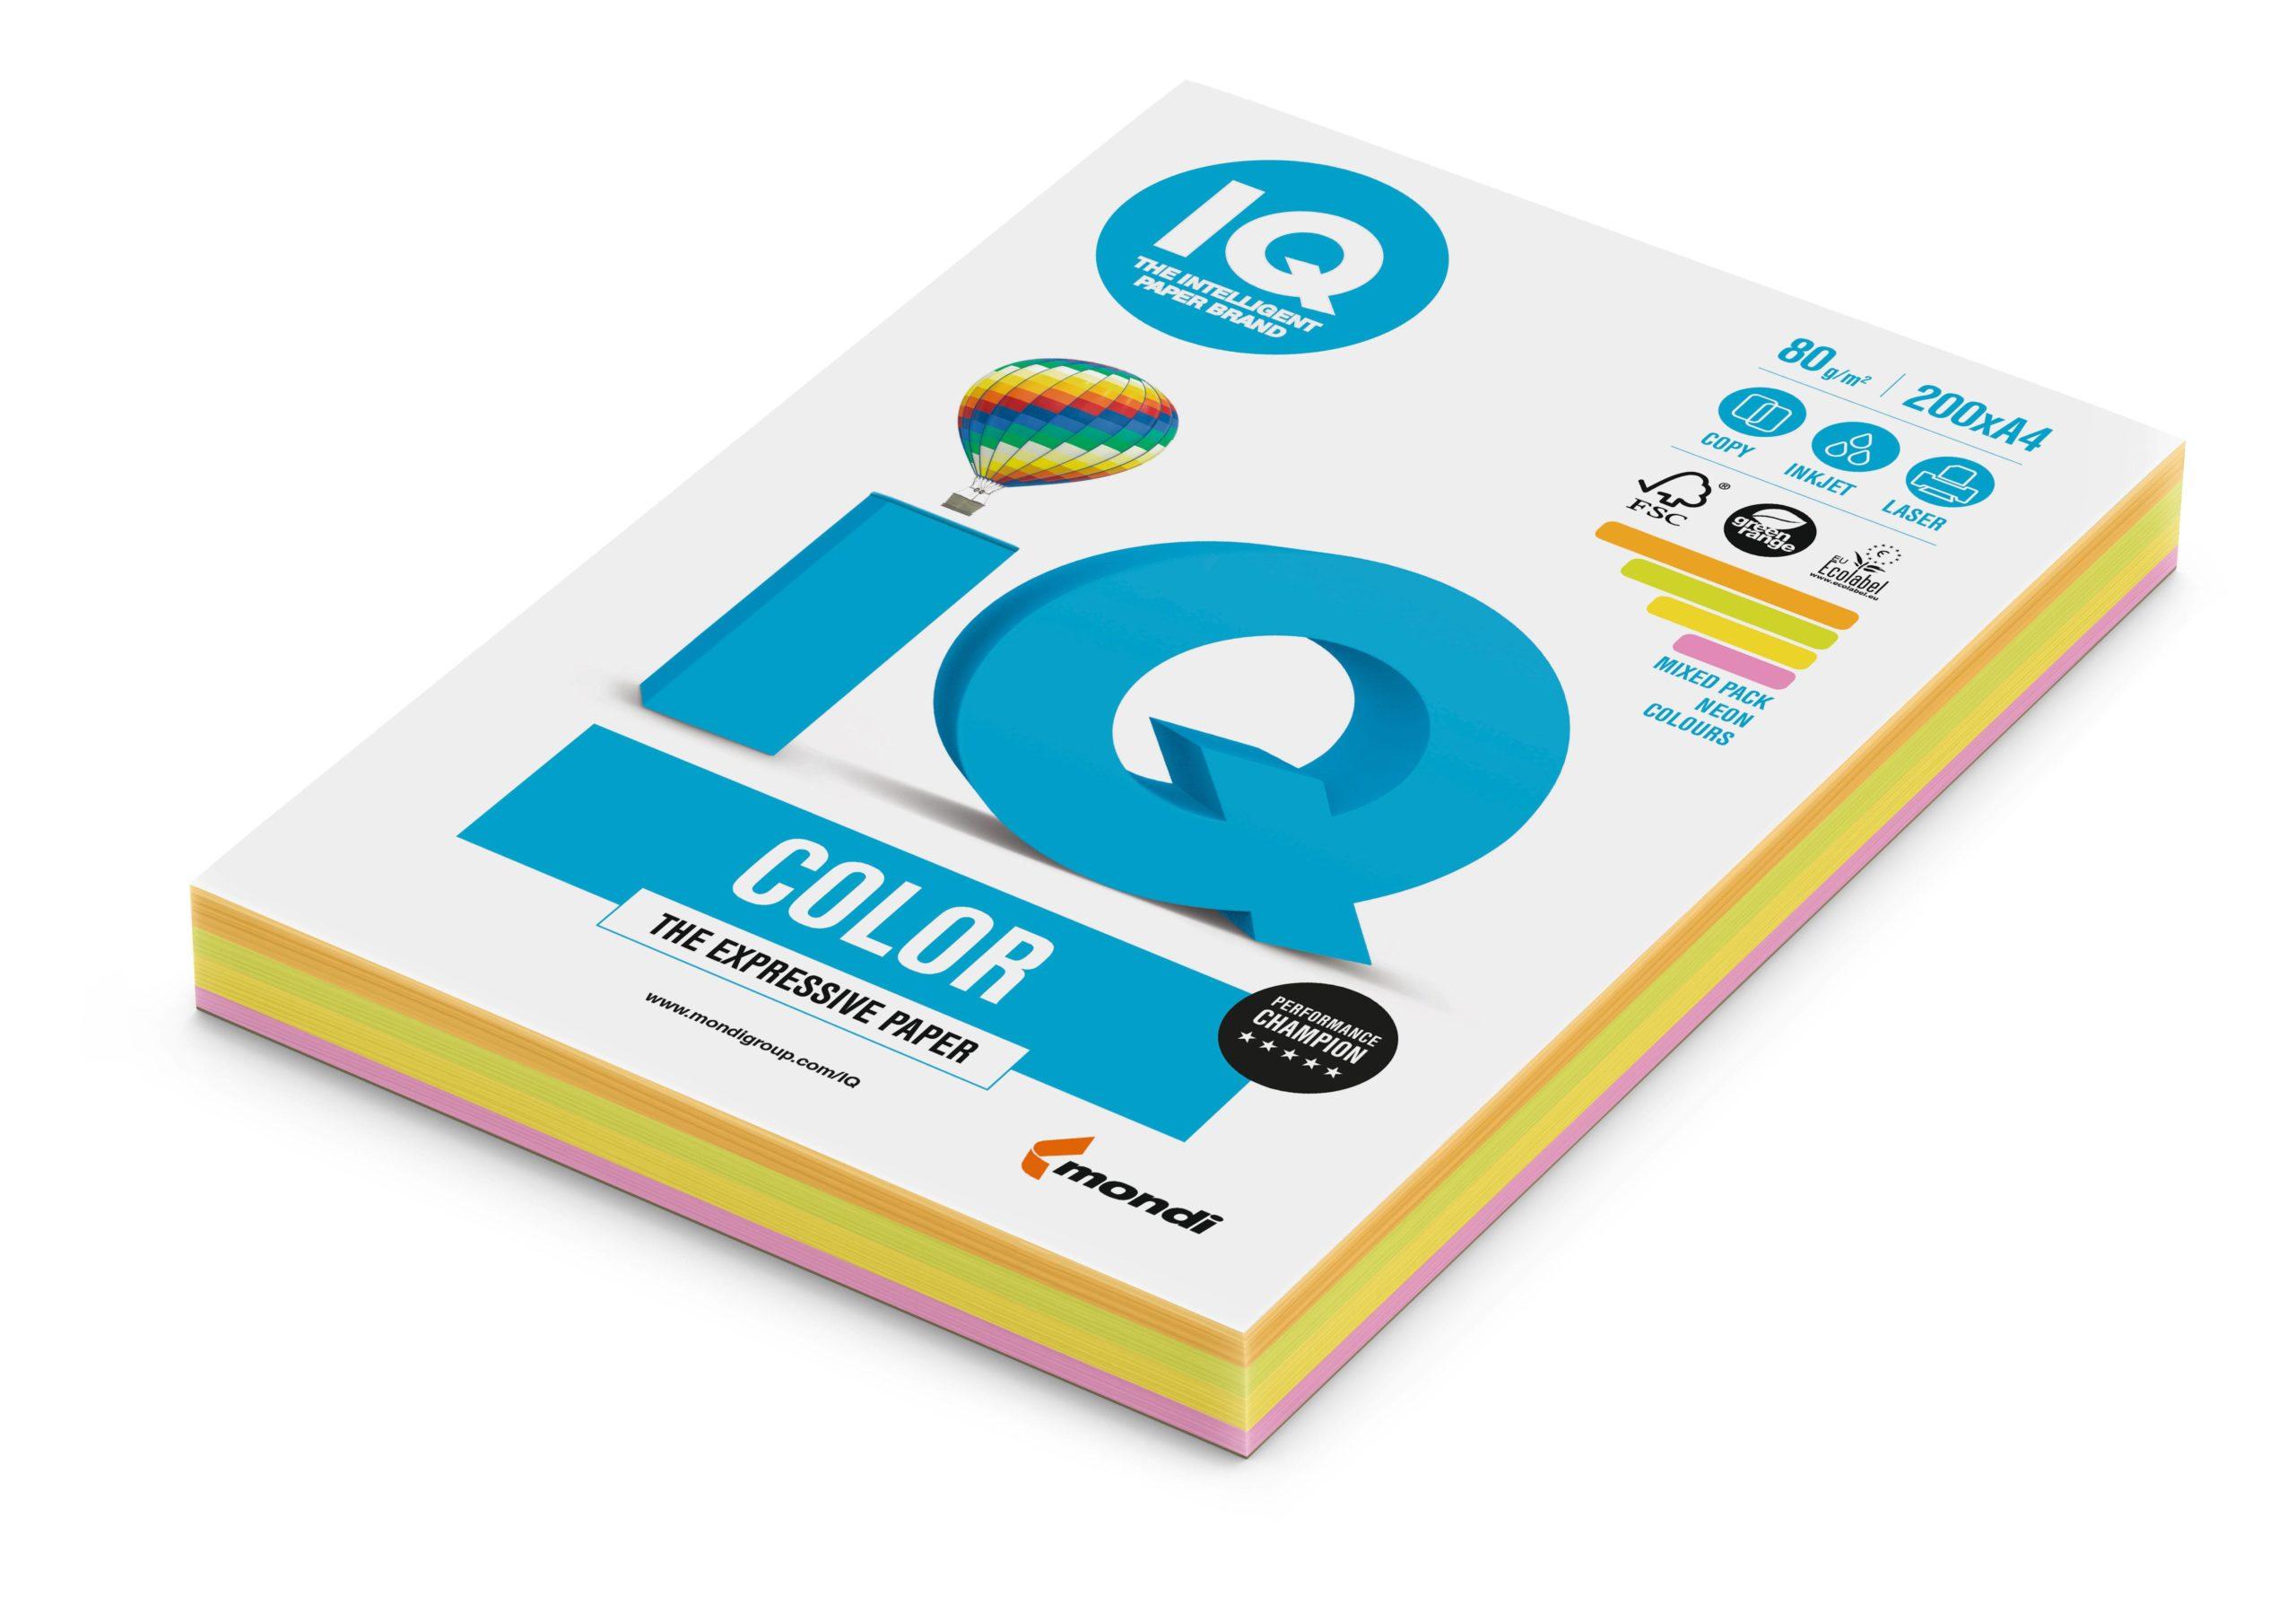 Бумага А4, IQ COLOR MIX, 4 цв., неон, 200 листов, 80 г/м2, ассорти